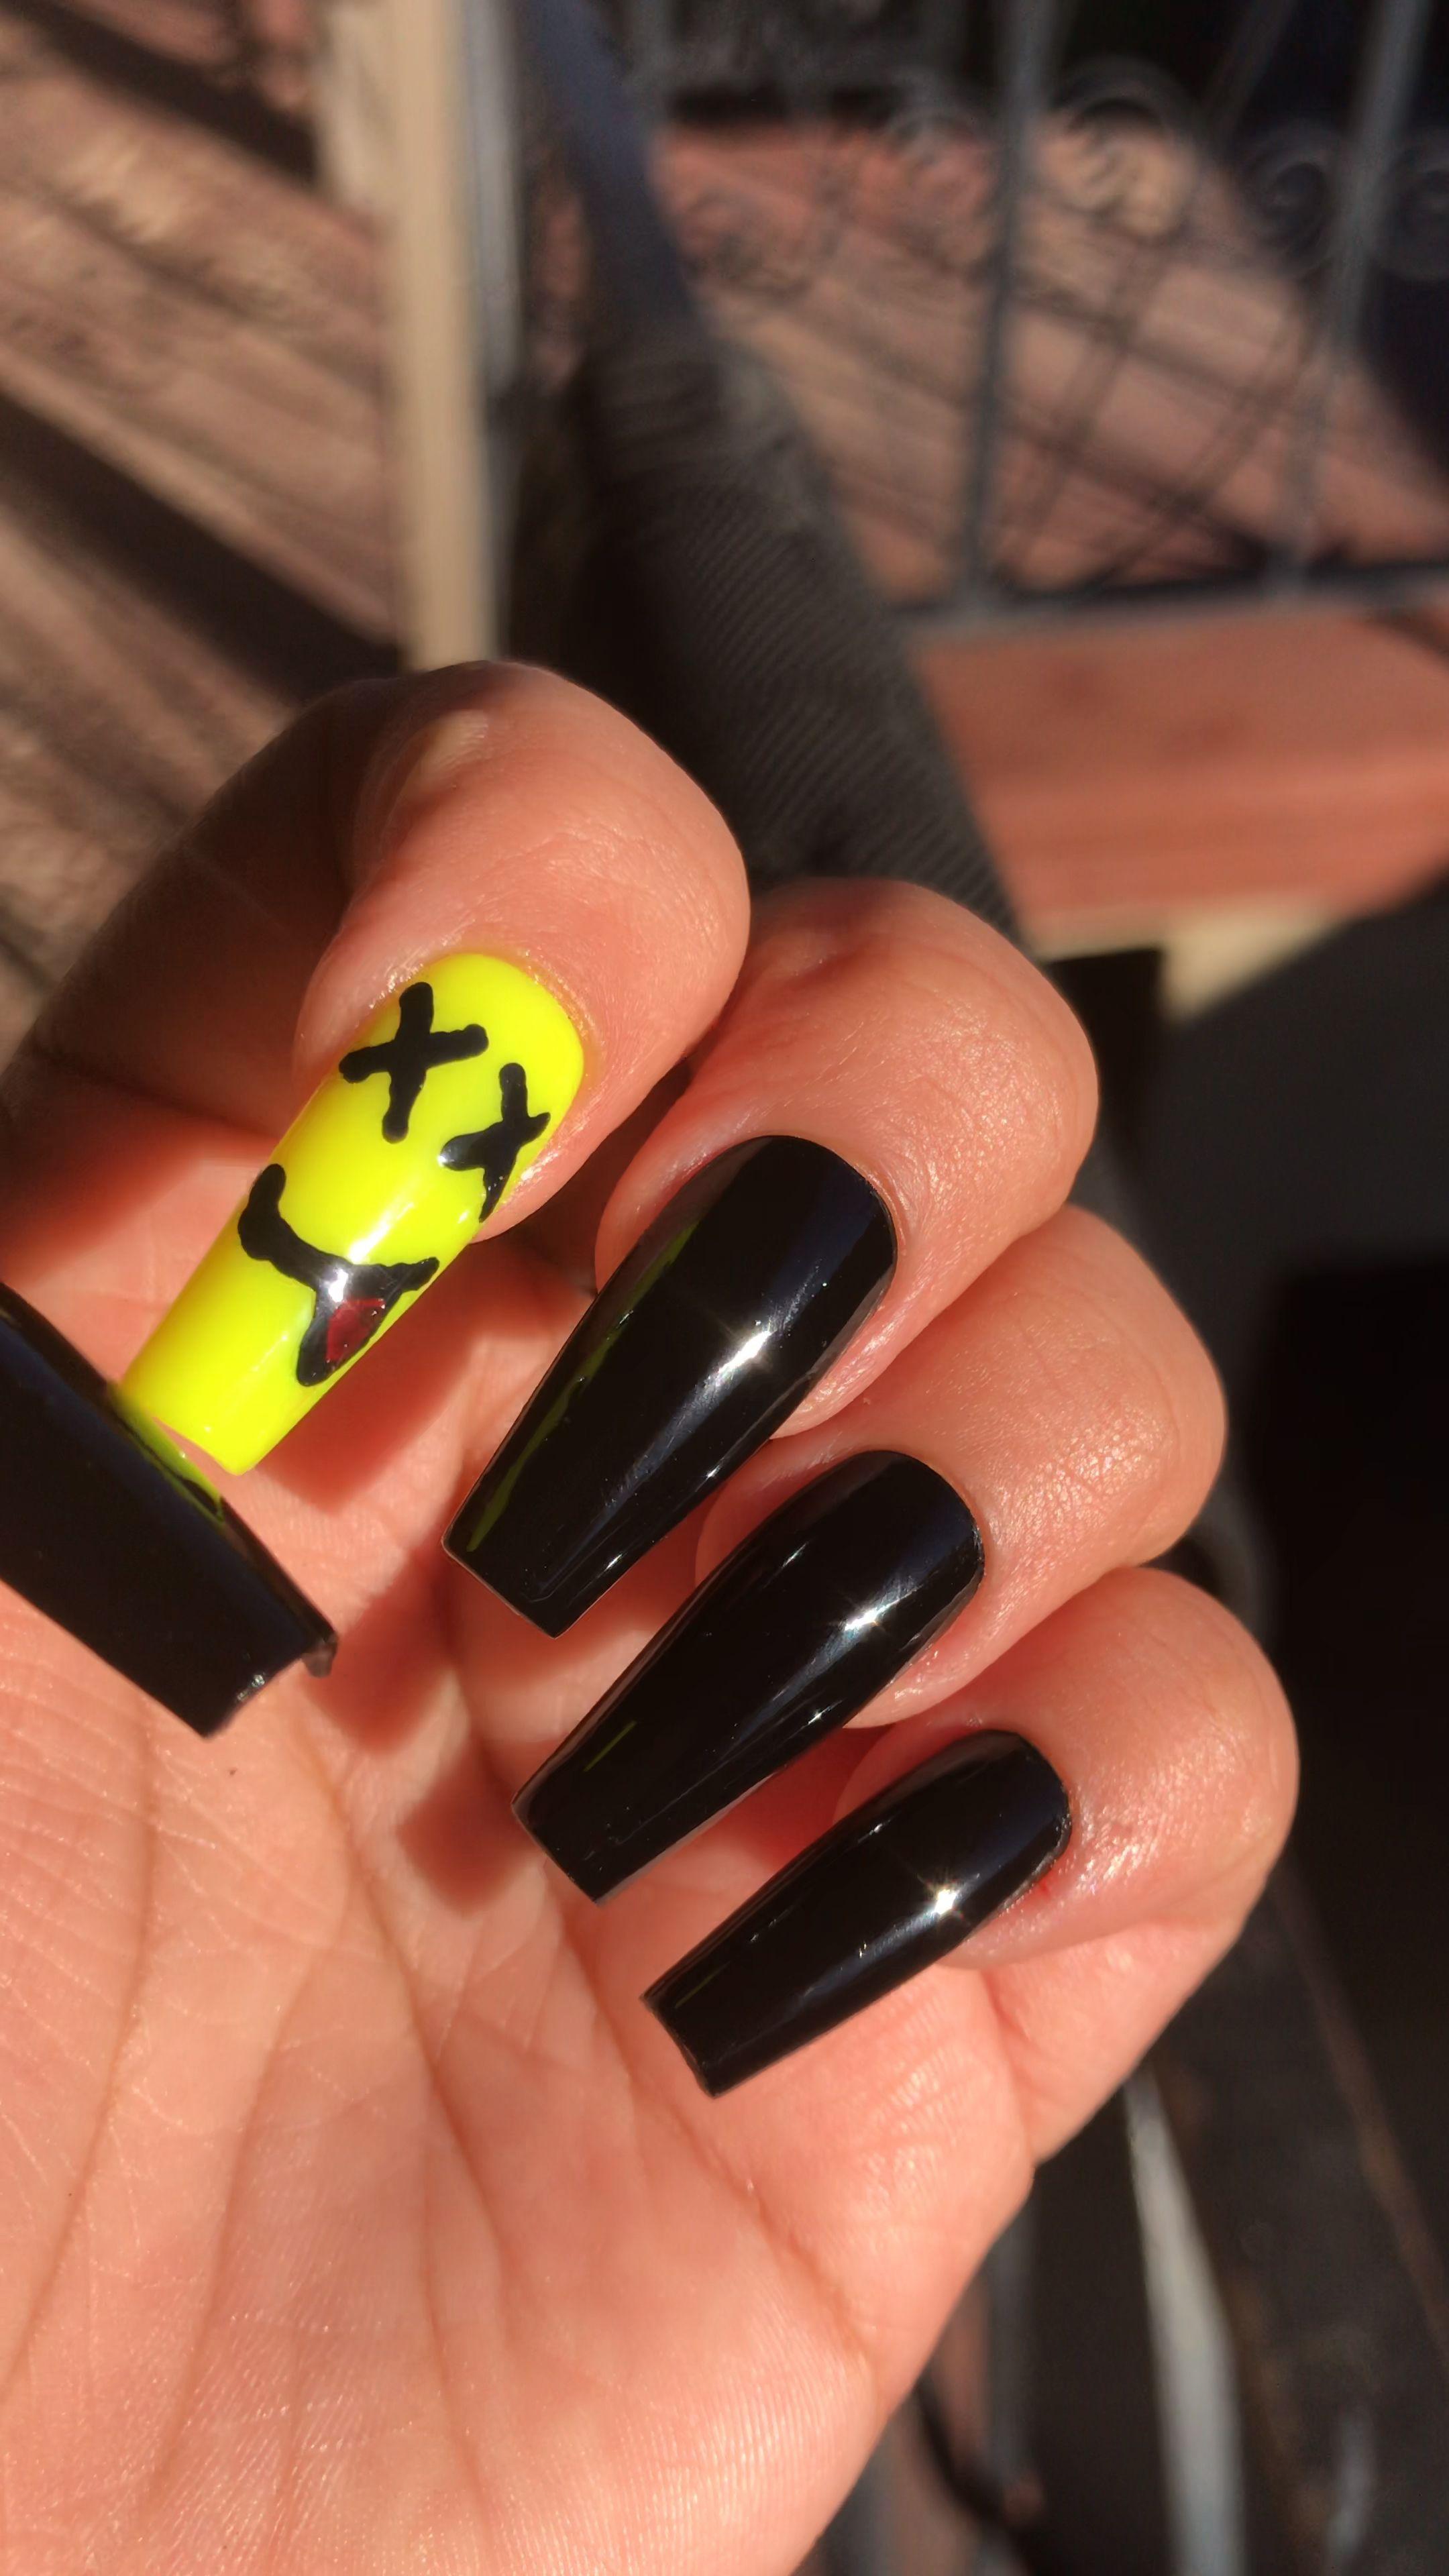 Black Nails Video Long Acrylic Nail Designs Rave Nails Long Acrylic Nails